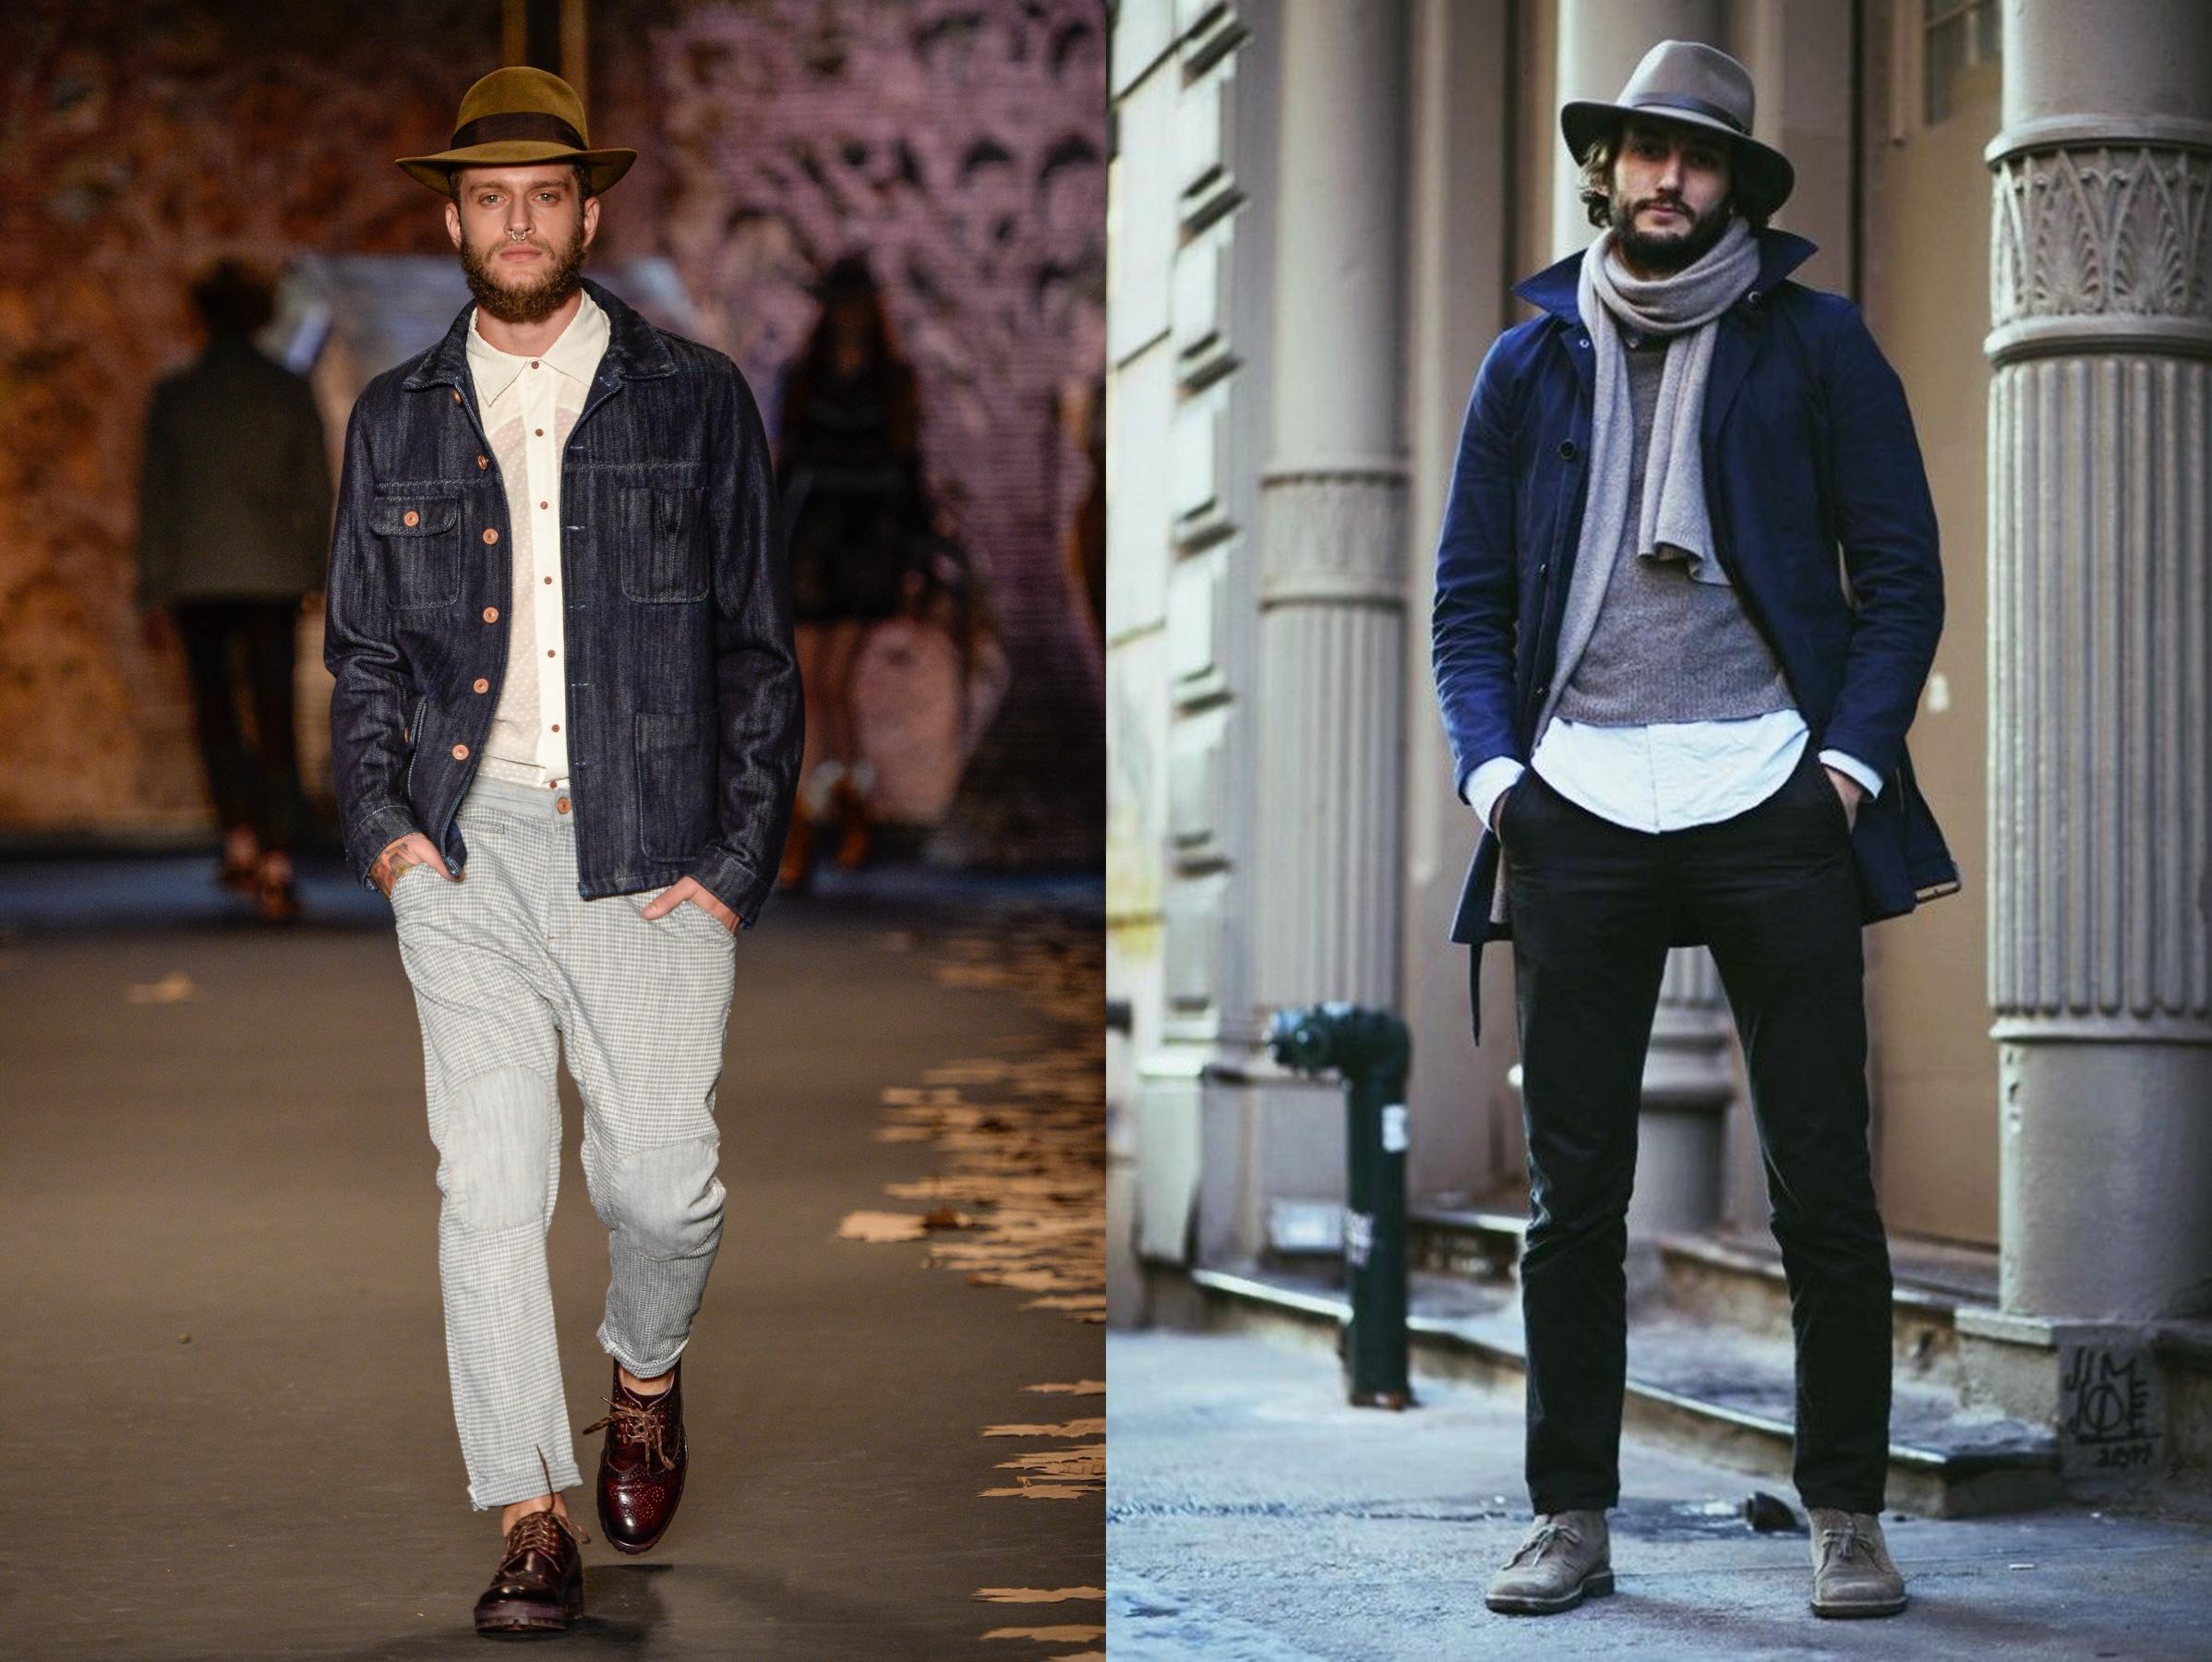 tendencia 2015, tendencia masculina, moda masculina, alex cursino, blog de moda, moda sem censura, trends, fashion tips, dicas de moda, dicas de estilo, style, mens, 5